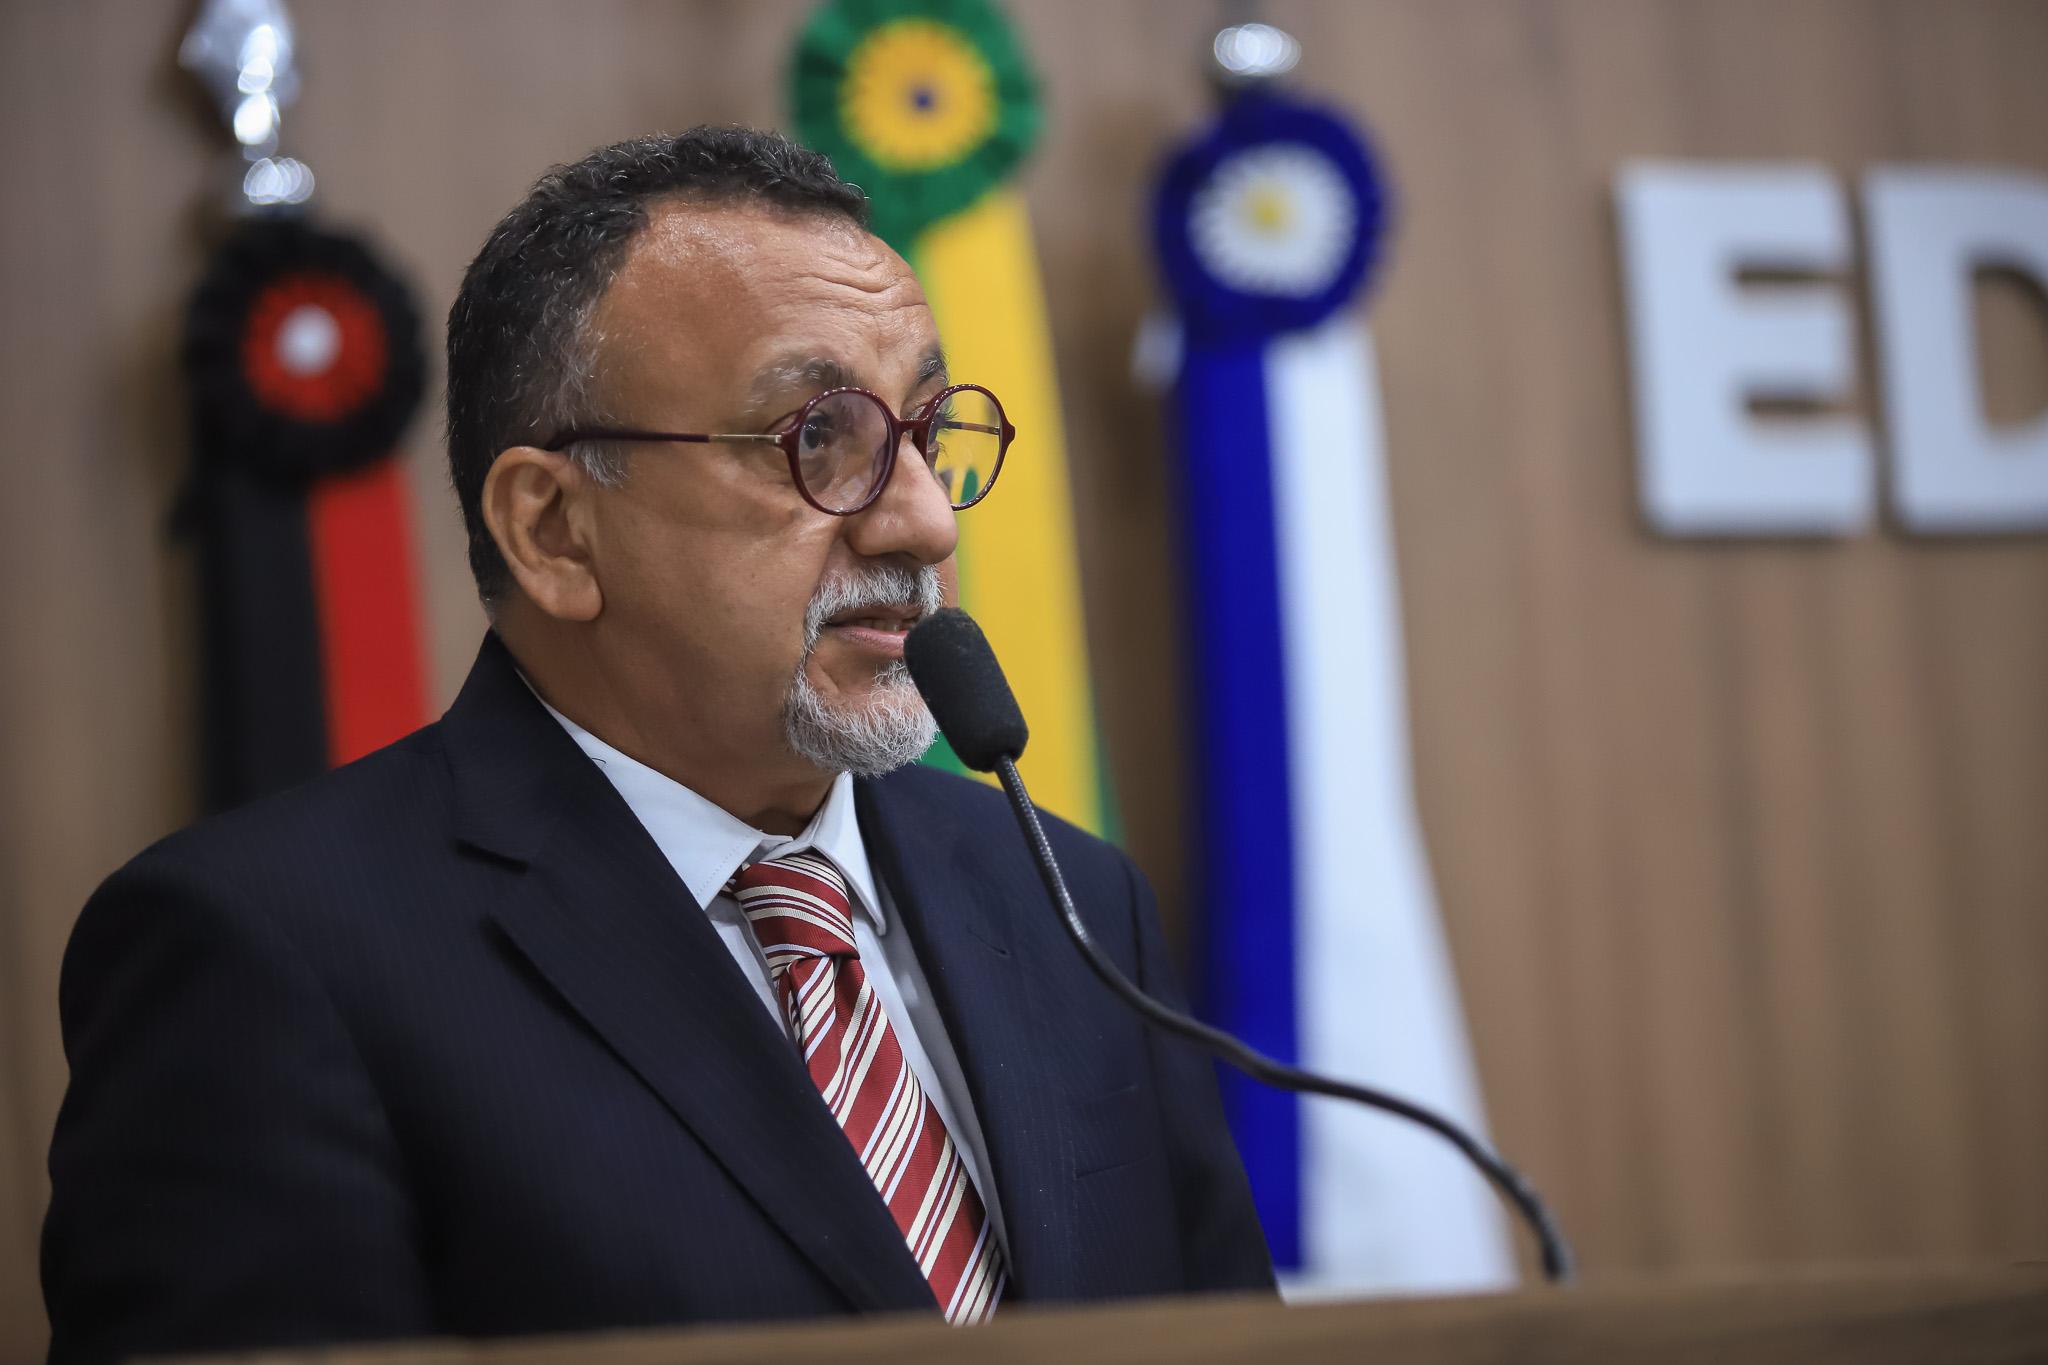 Bolsonaro quebrou a economia, não comprou vacinas e quer liberar uso de máscaras para matar o povo. Critica Zé Gonçalves